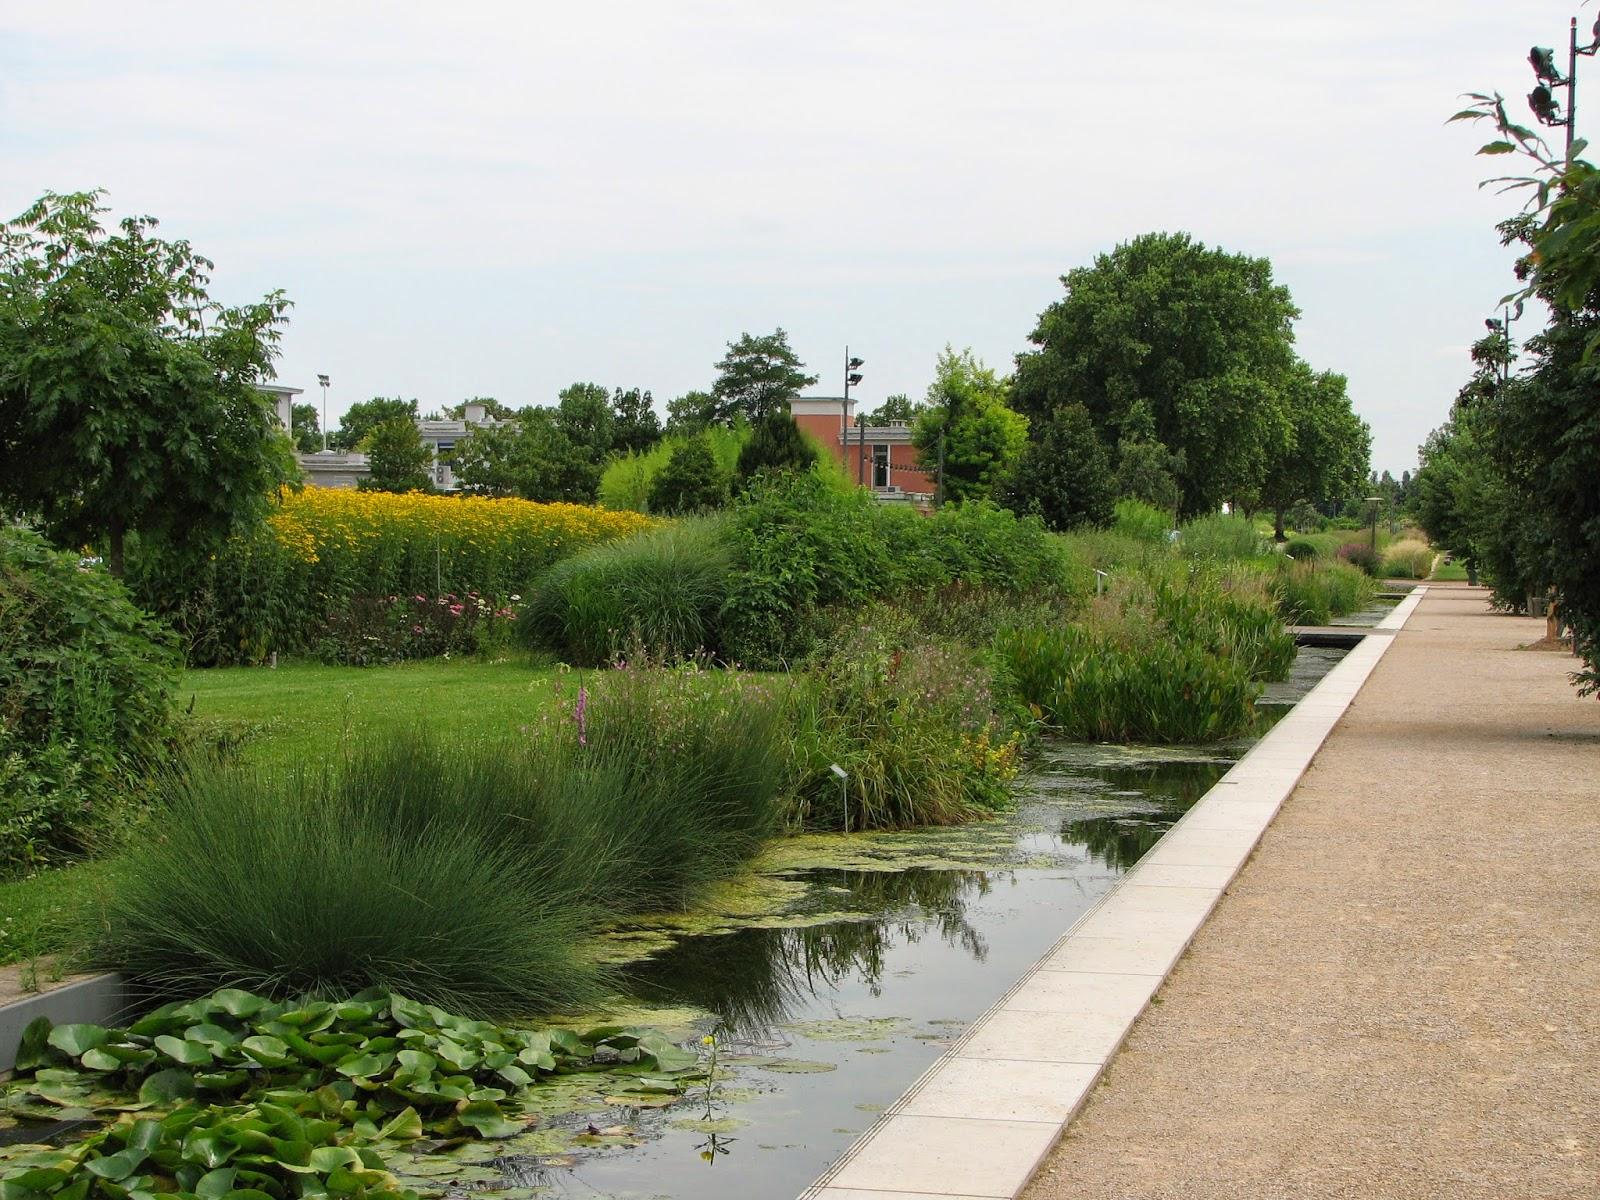 Parc de gerland Lyon